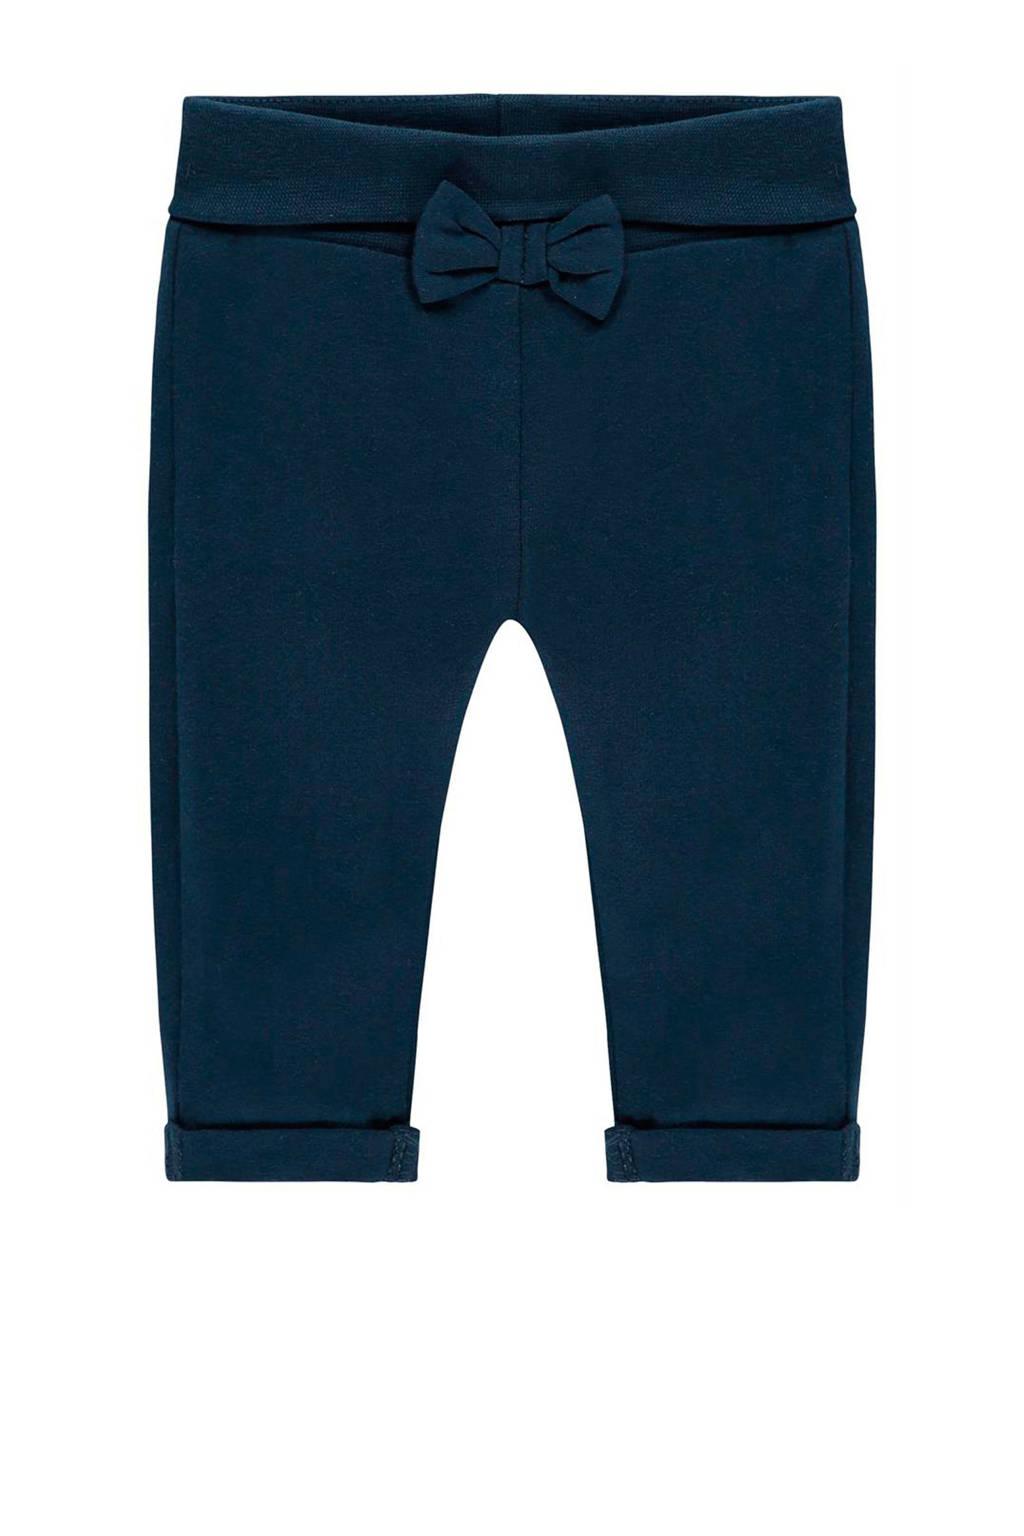 Noppies baby slim fit broek Charlton met biologisch katoen donkerblauw, Donkerblauw